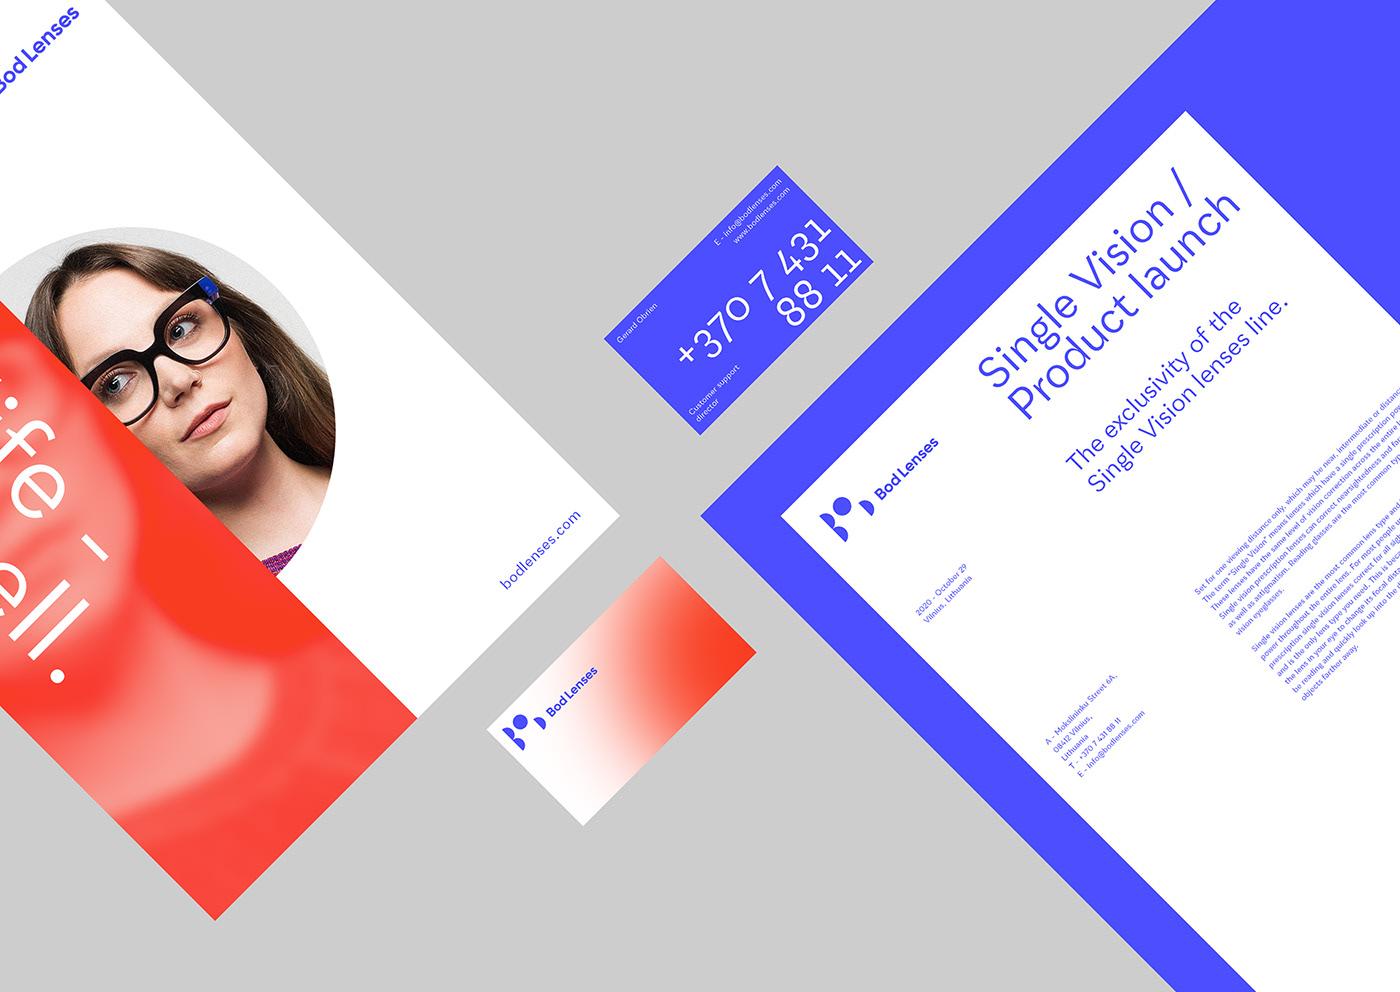 branding ,art direction ,logo,bod lenses,red and blue,modular,typography  ,lenses,blur